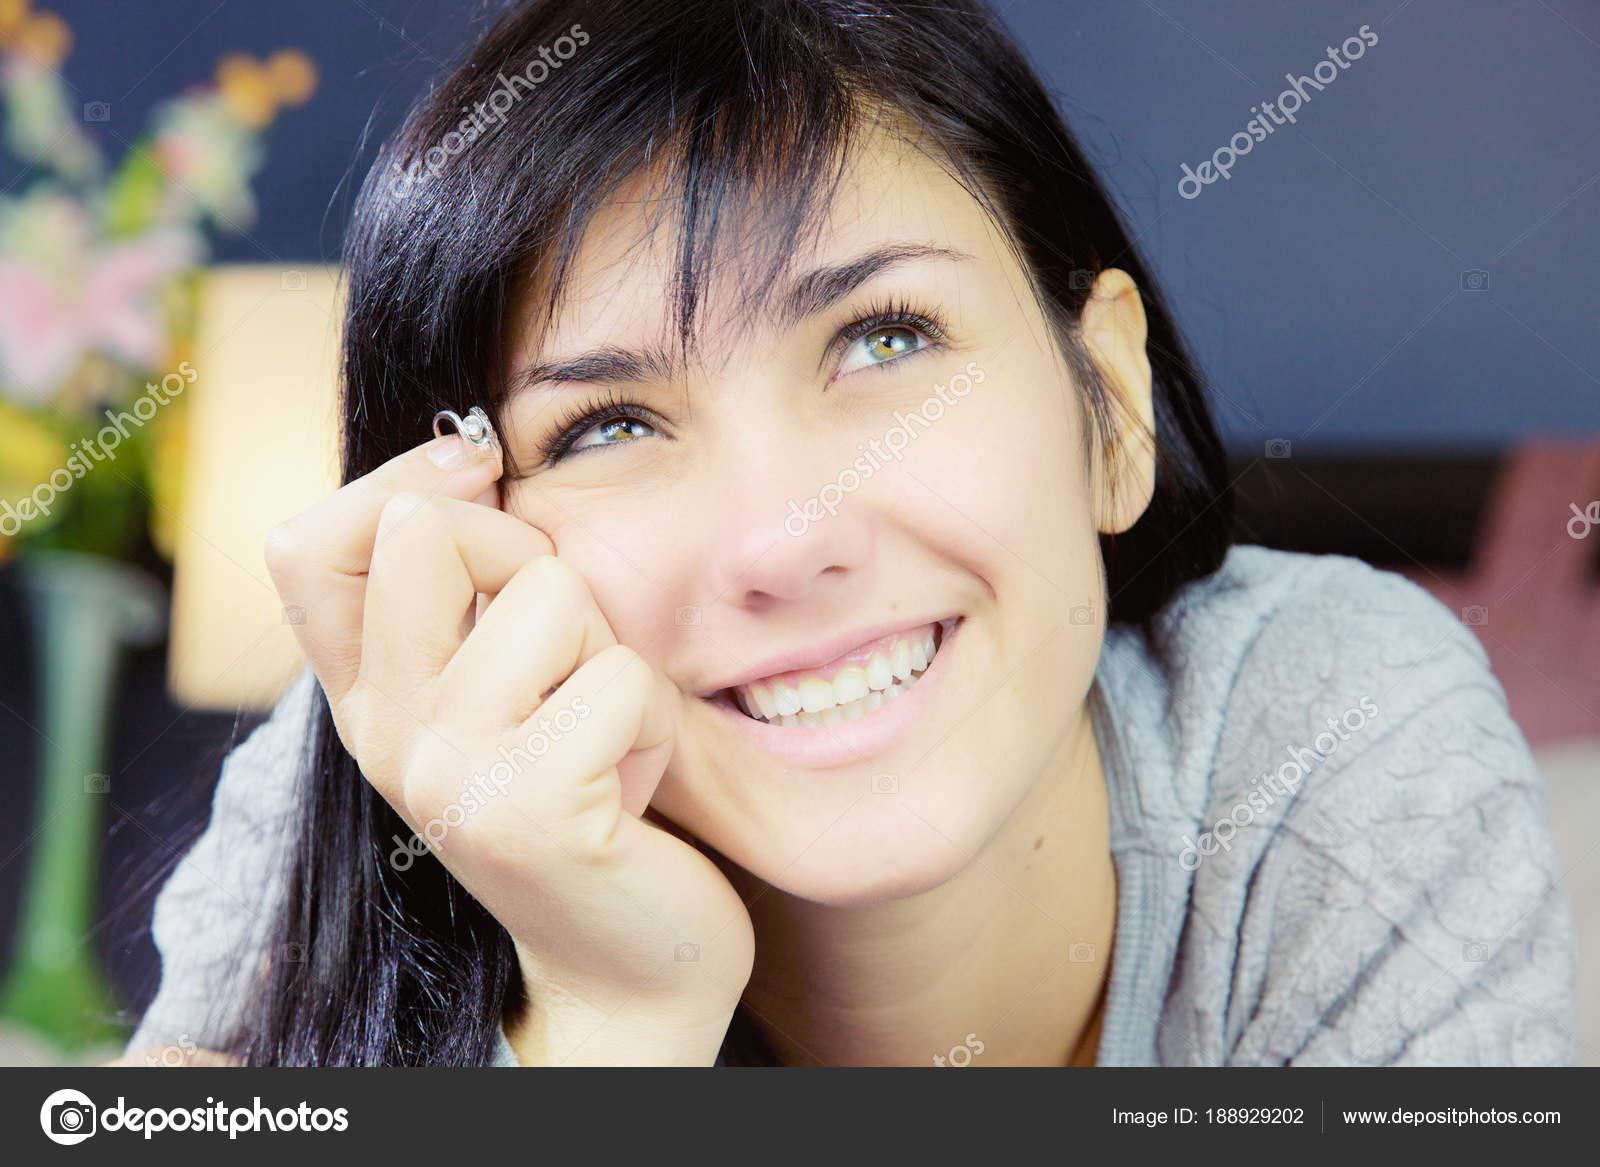 Junge Frau Mit Verlobungsring Lachelt Glucklich Verliebt Stockfoto